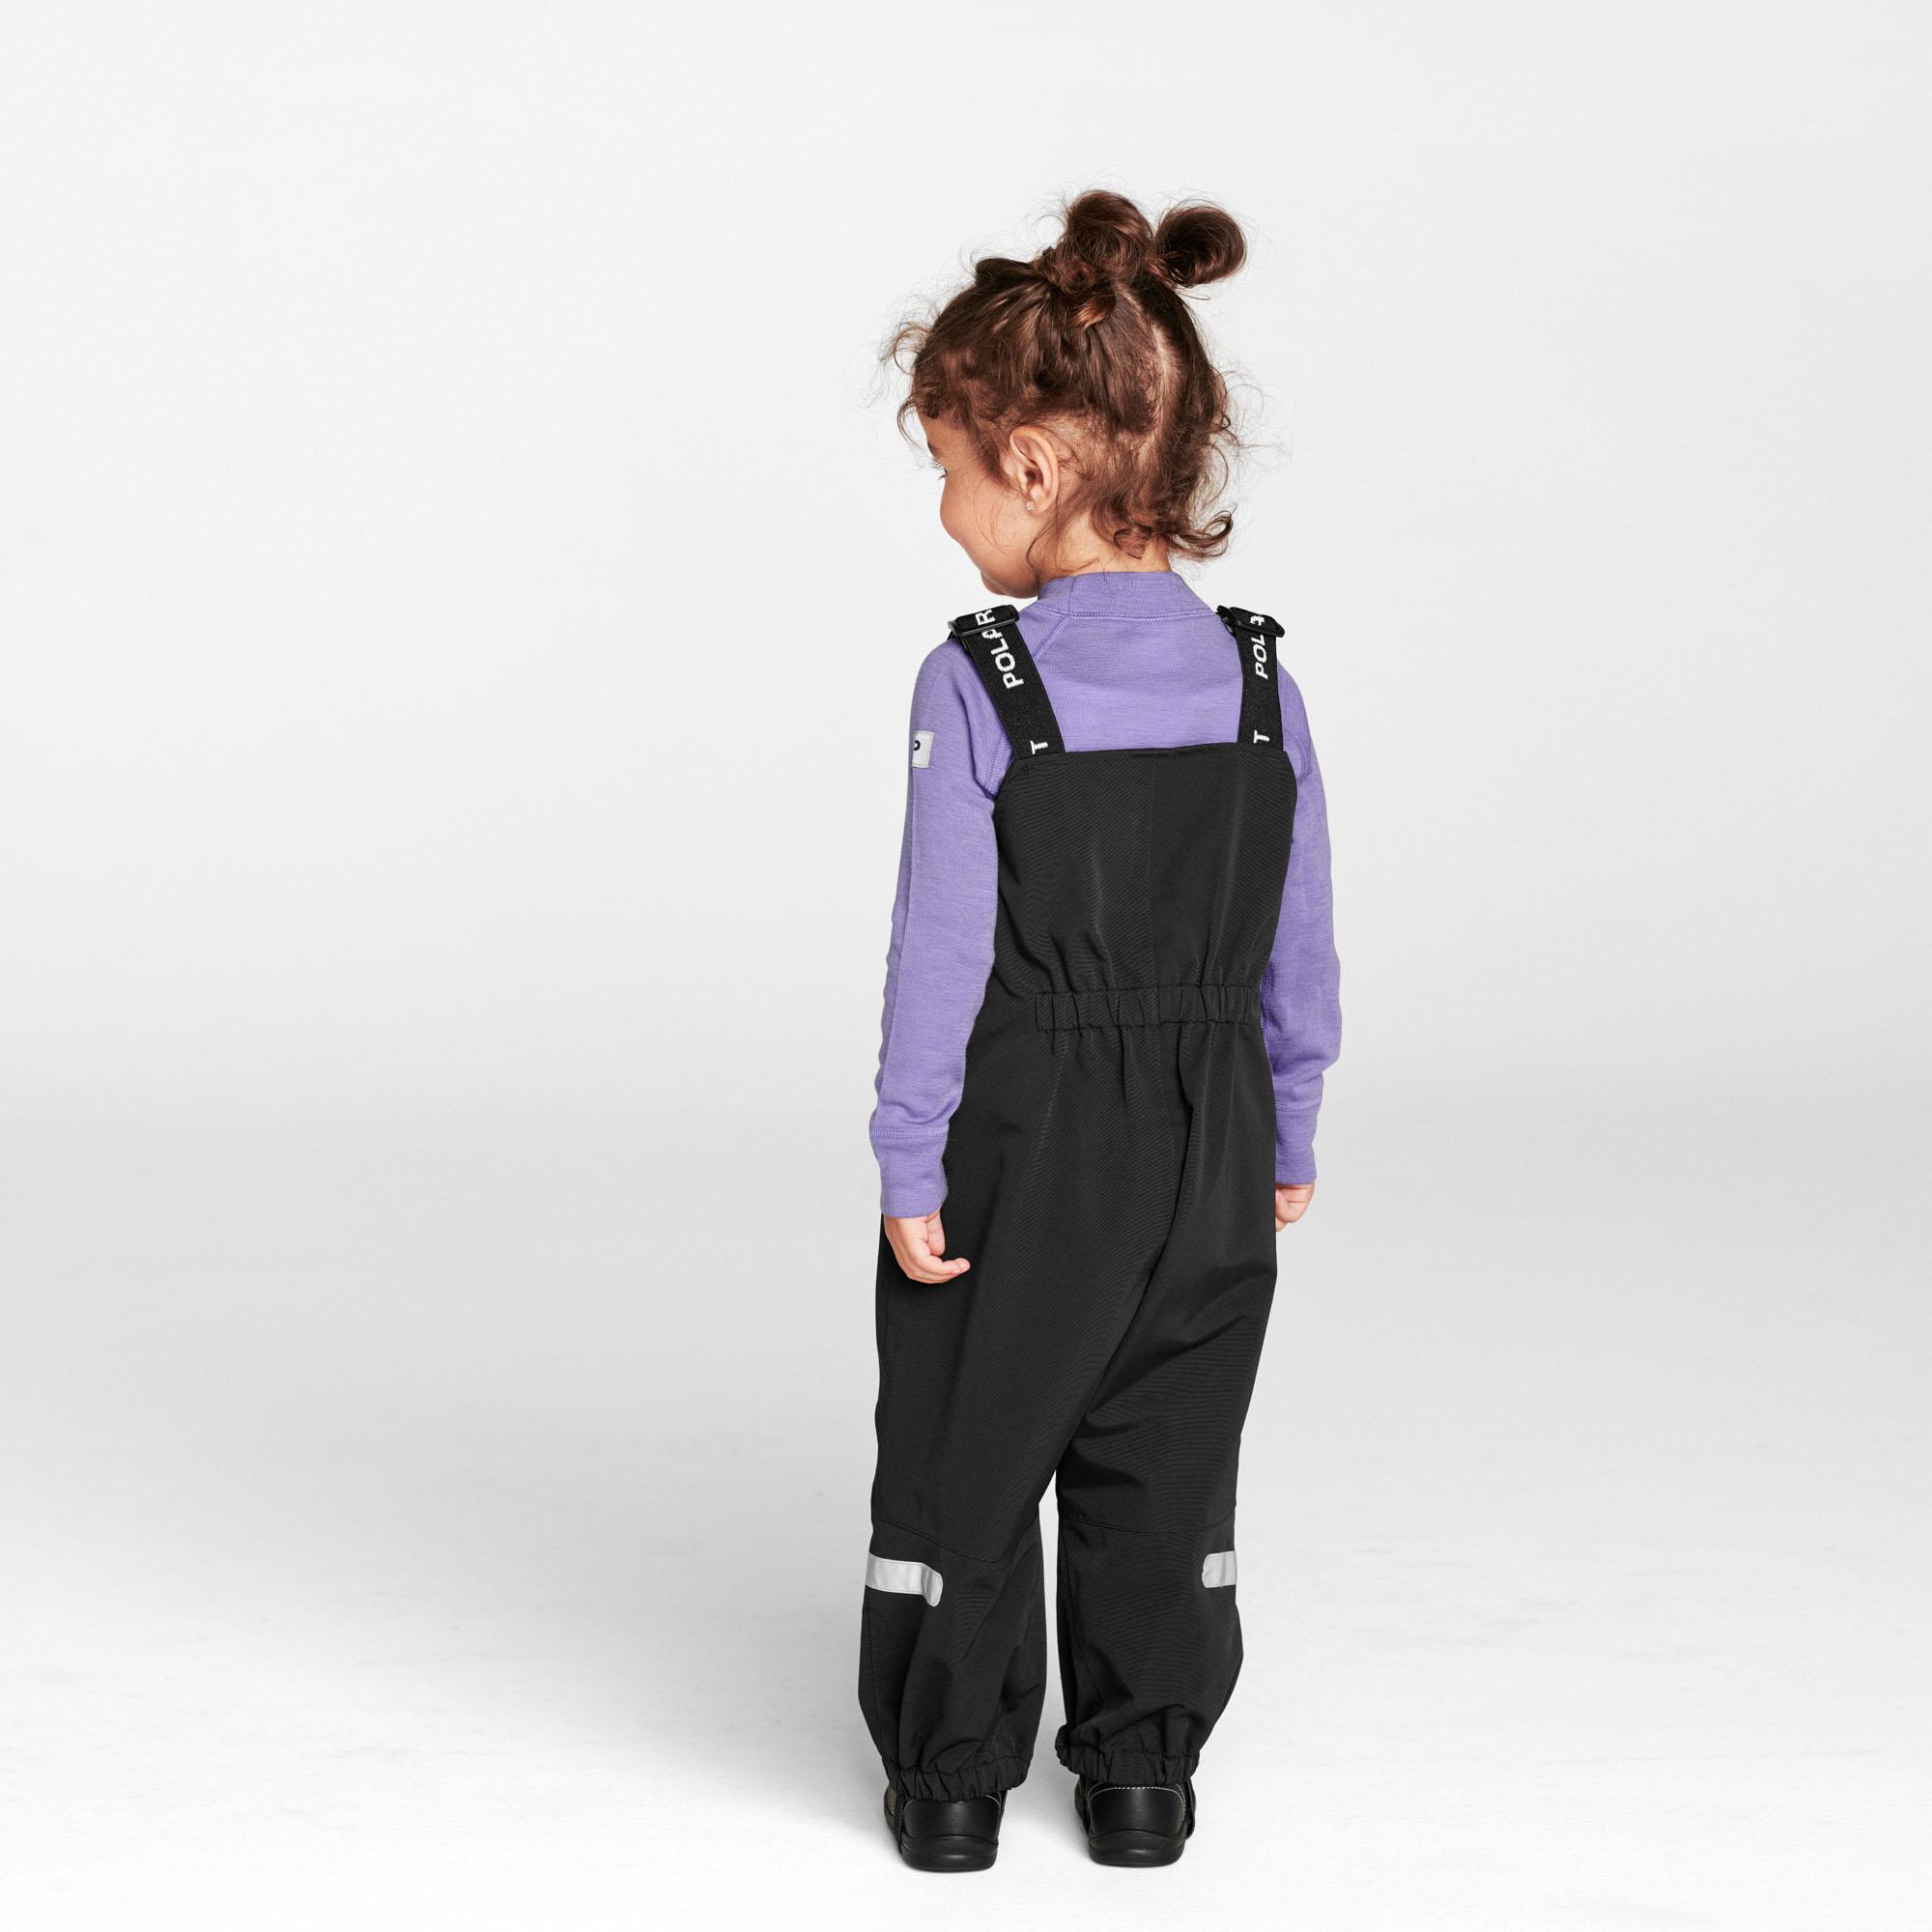 Välkända Polarn O. Pyret   Barnkläder för baby till barn i skolåldern QR-62